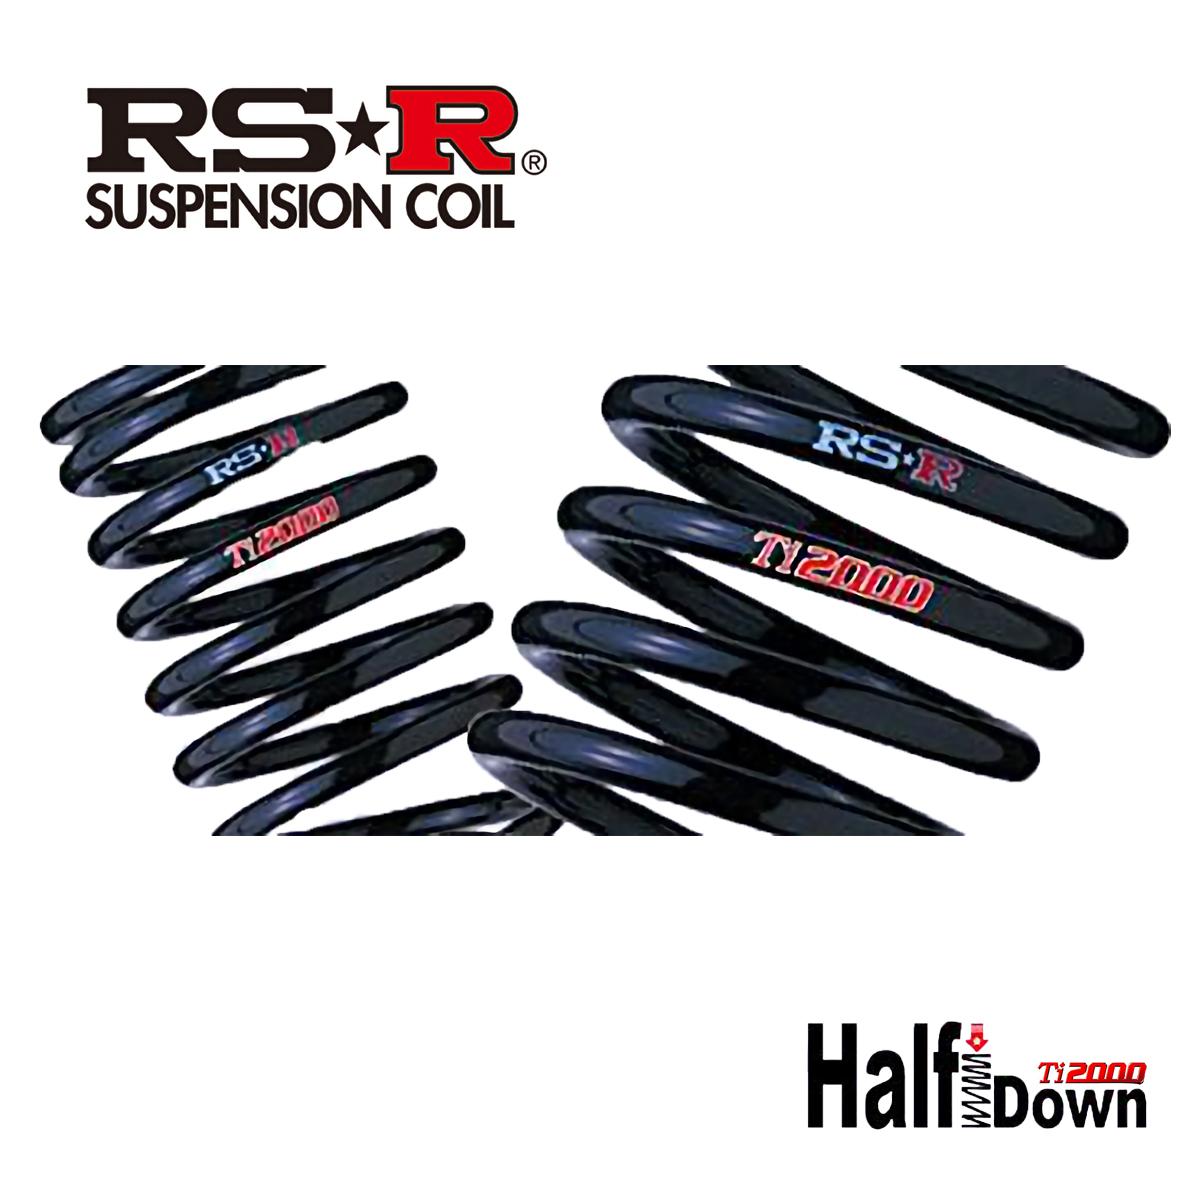 RS-R アクア NHP10 Gブラックソフトレザーコレクション ダウンサス スプリング リア T105THDR Ti2000 ハーフダウン RSR 個人宅発送追金有